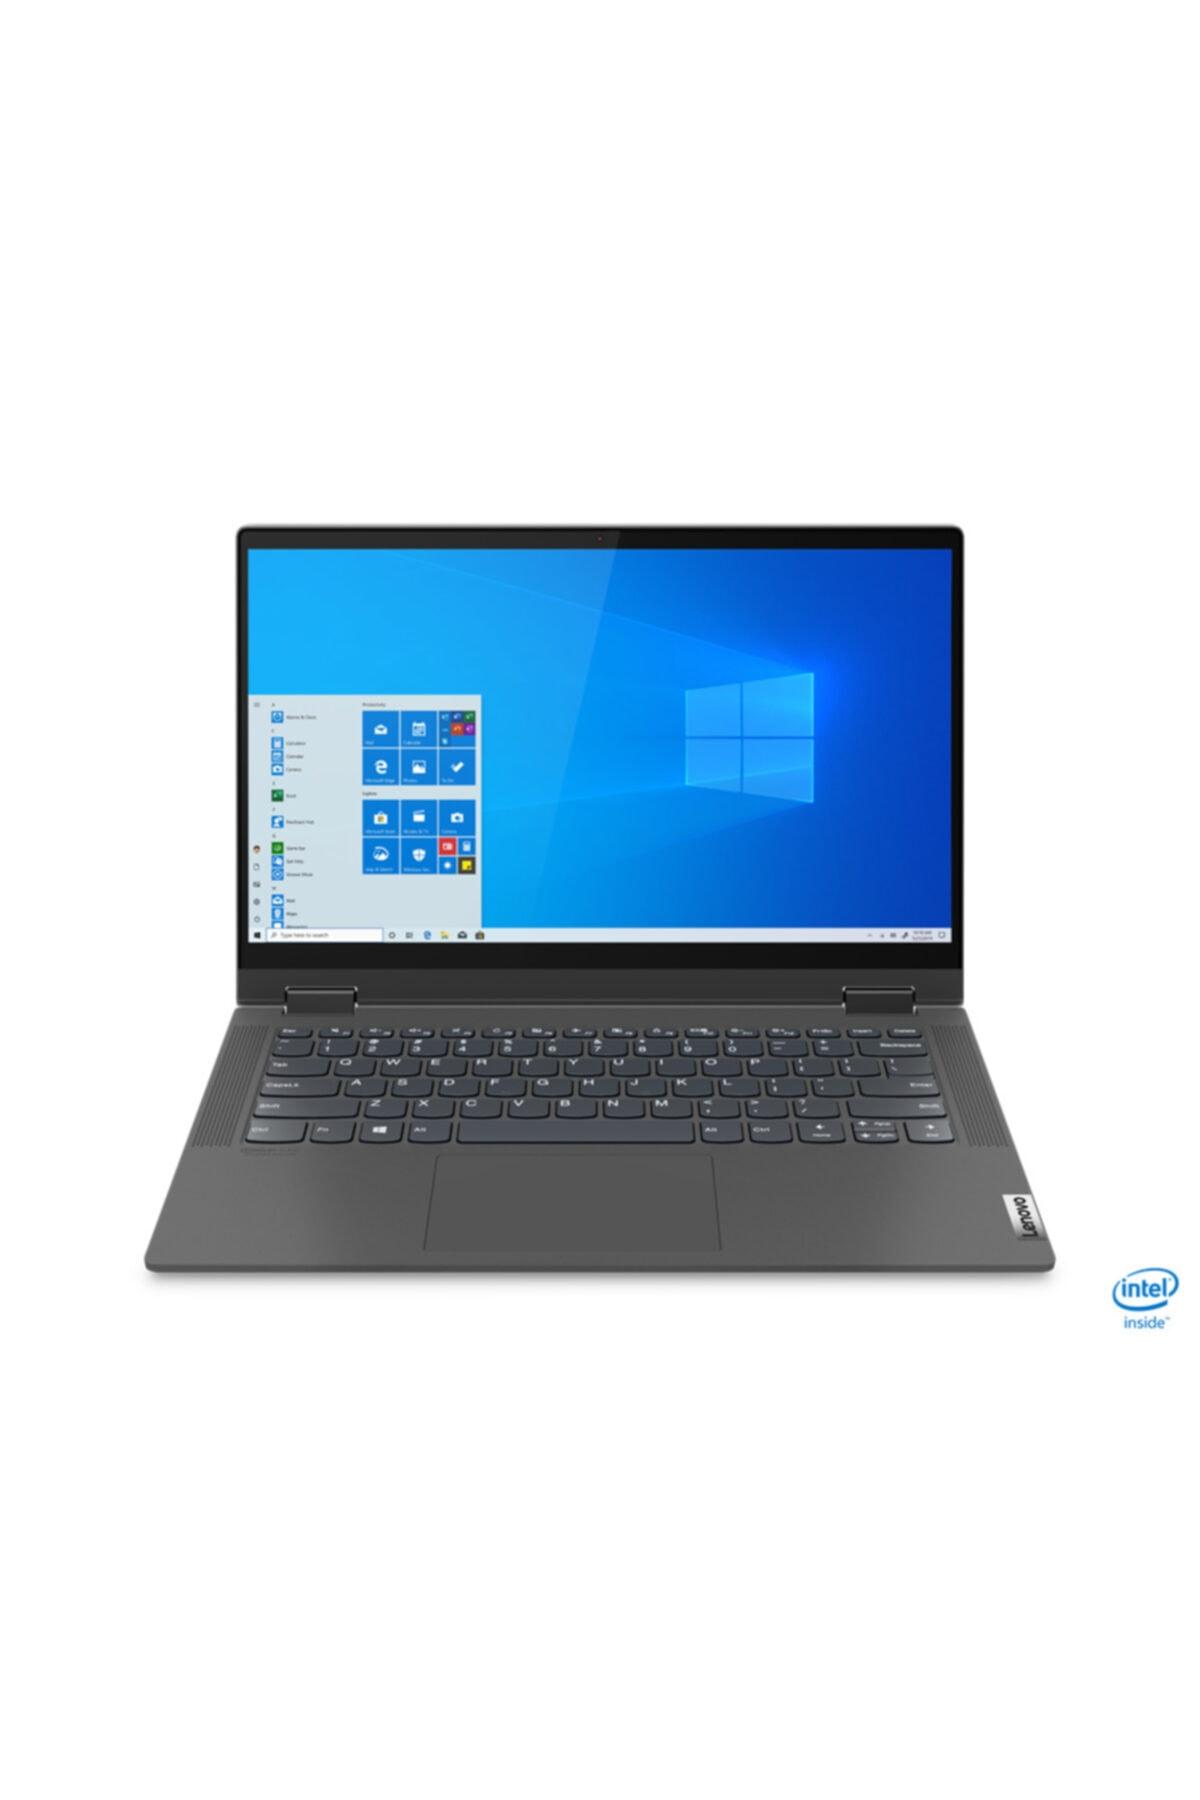 """Flex 5 I5 1135g7 16gb 512gb Ssd 2gb Mx450 Windows 10 Home 14"""" Fhd Dokunmatik 82hs00fetx"""